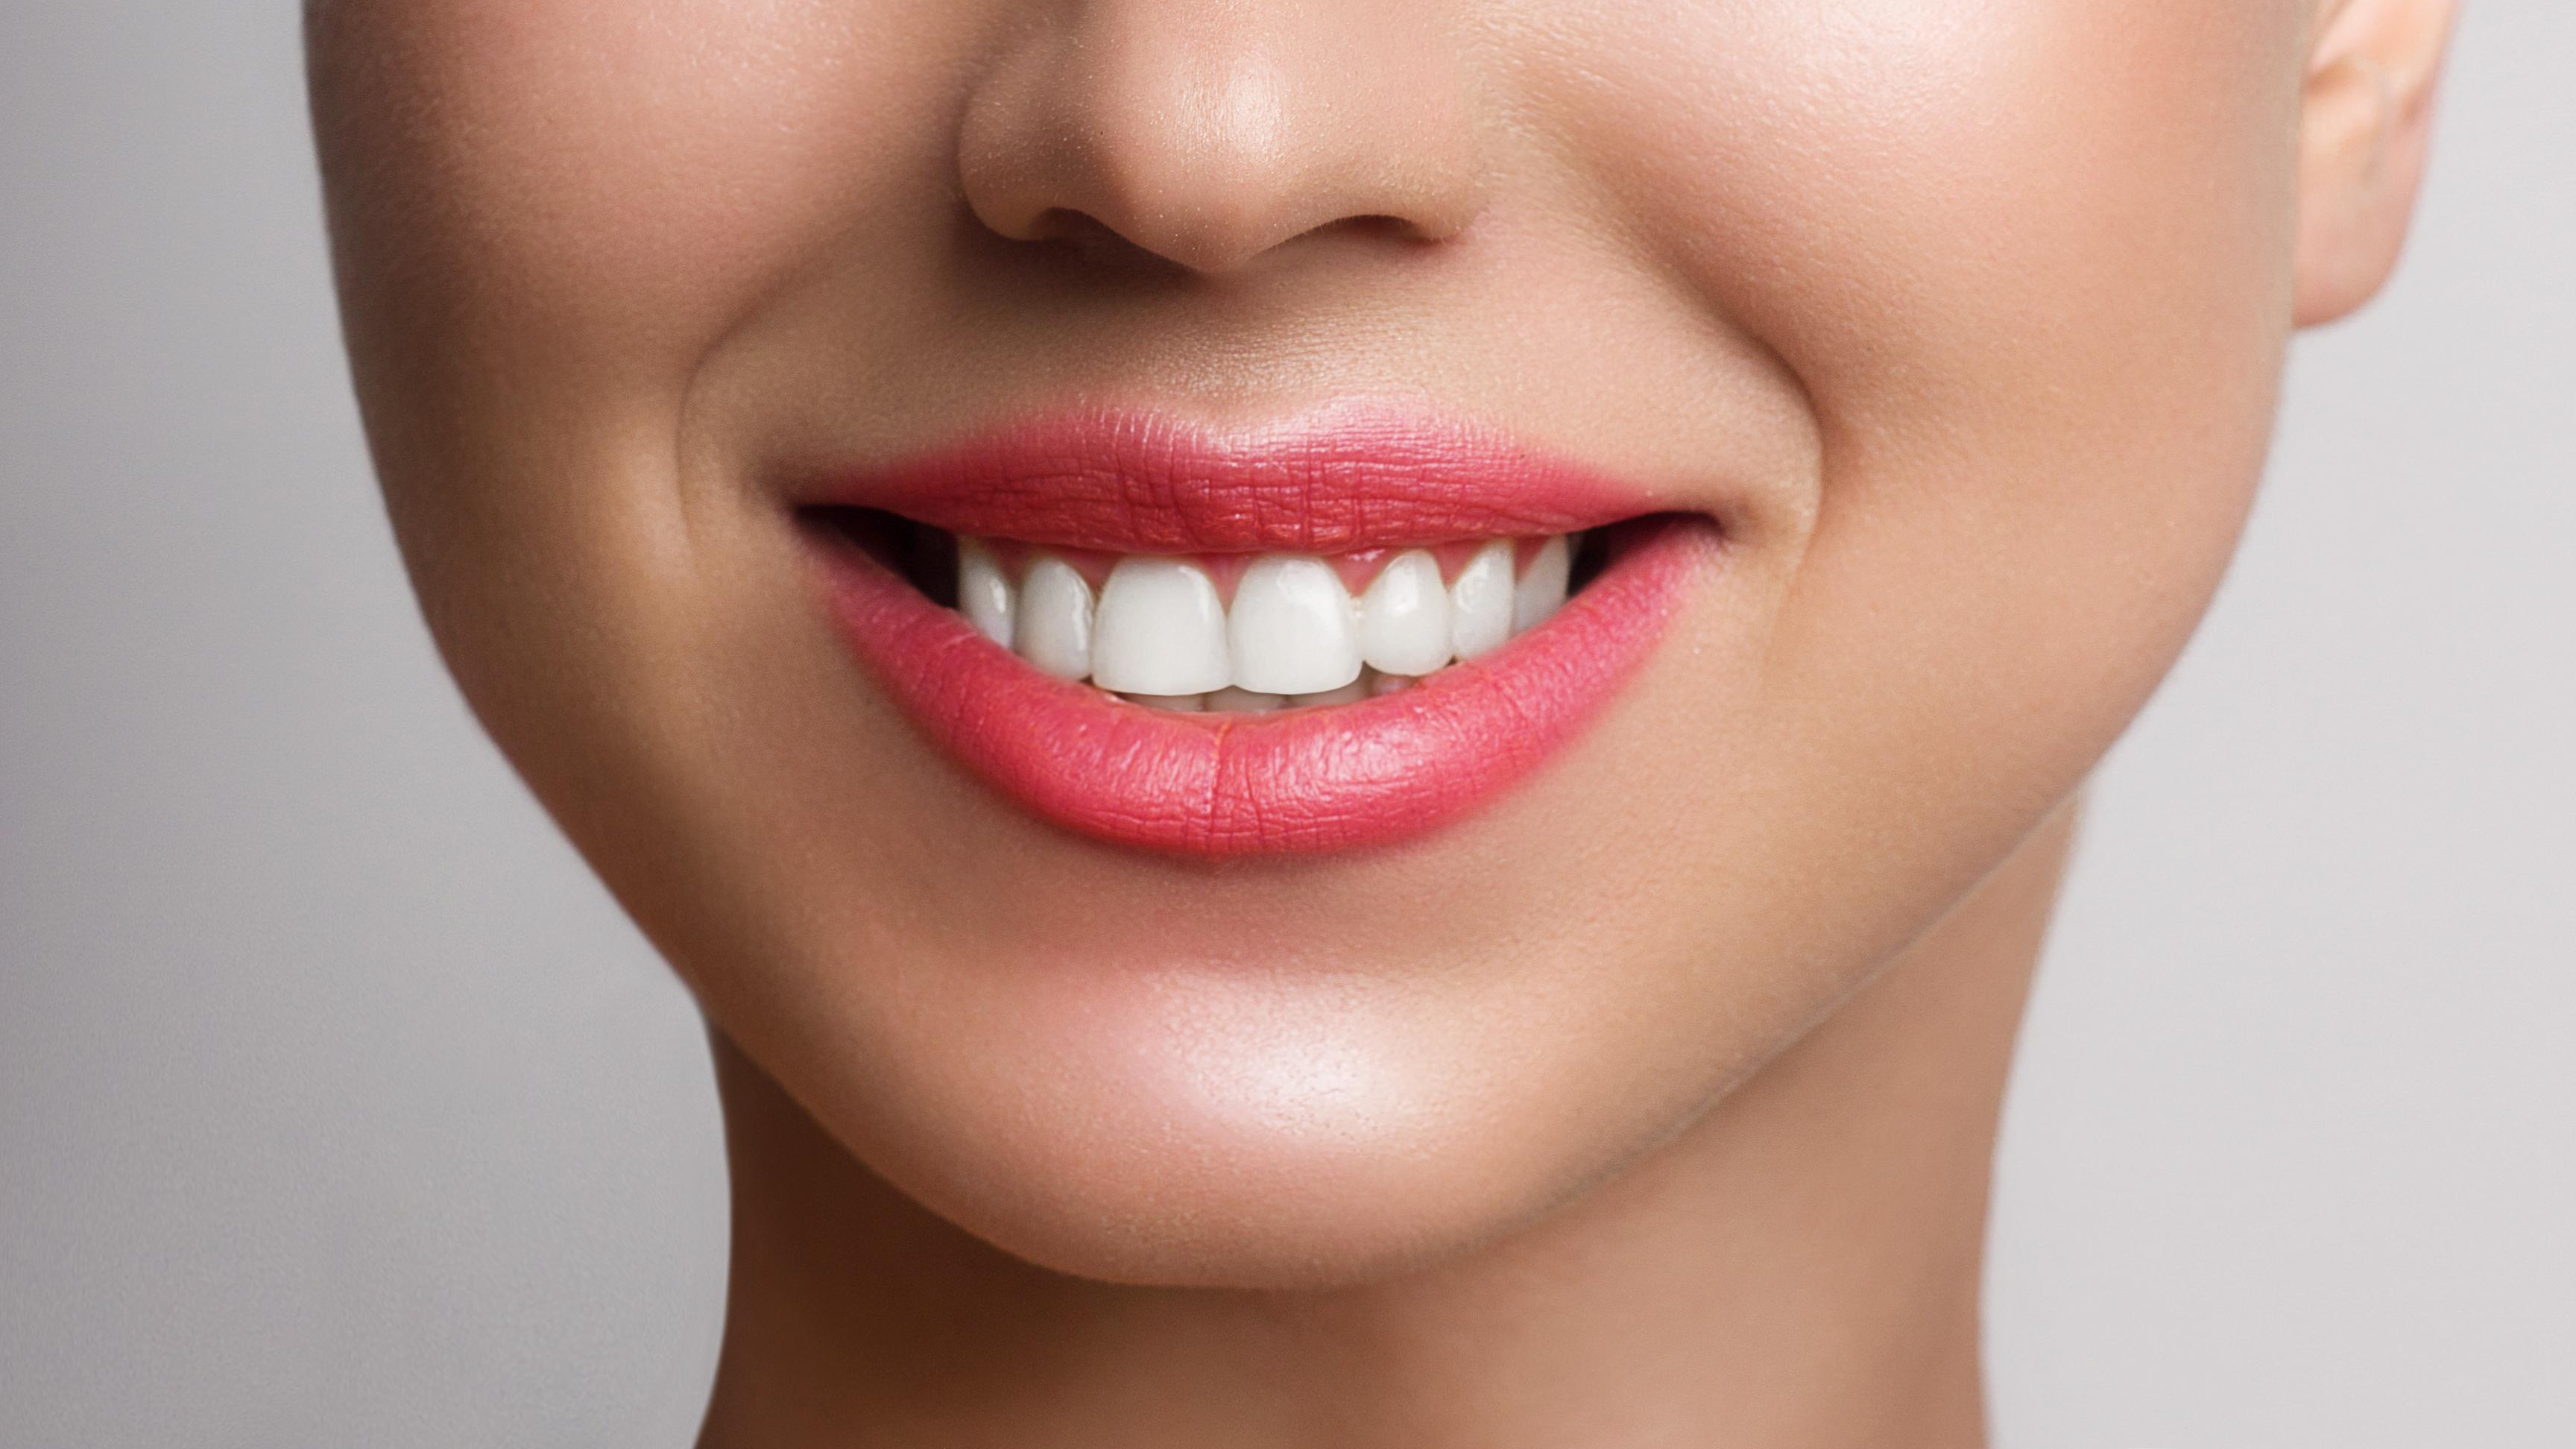 Extraction-free orthodontics